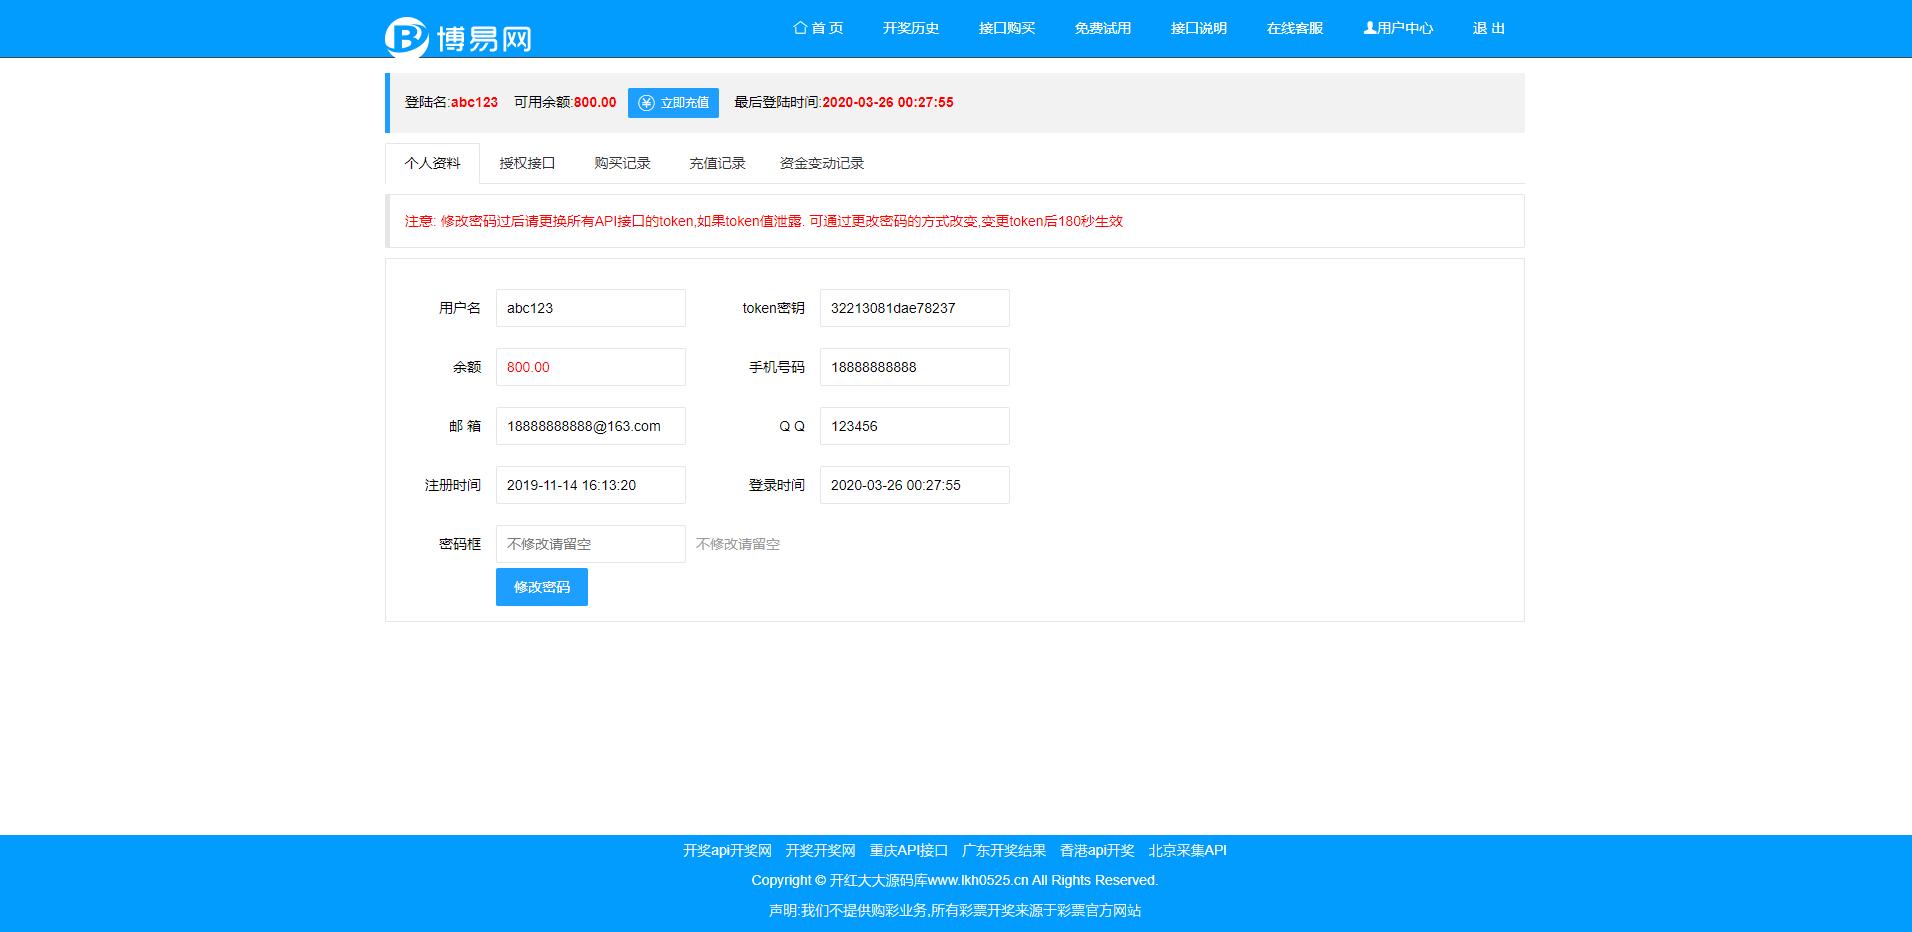 【亲测】KJ博易API接口|免费接口源码|自动采集|php接口网站源码|支持xml|JSON-第2张